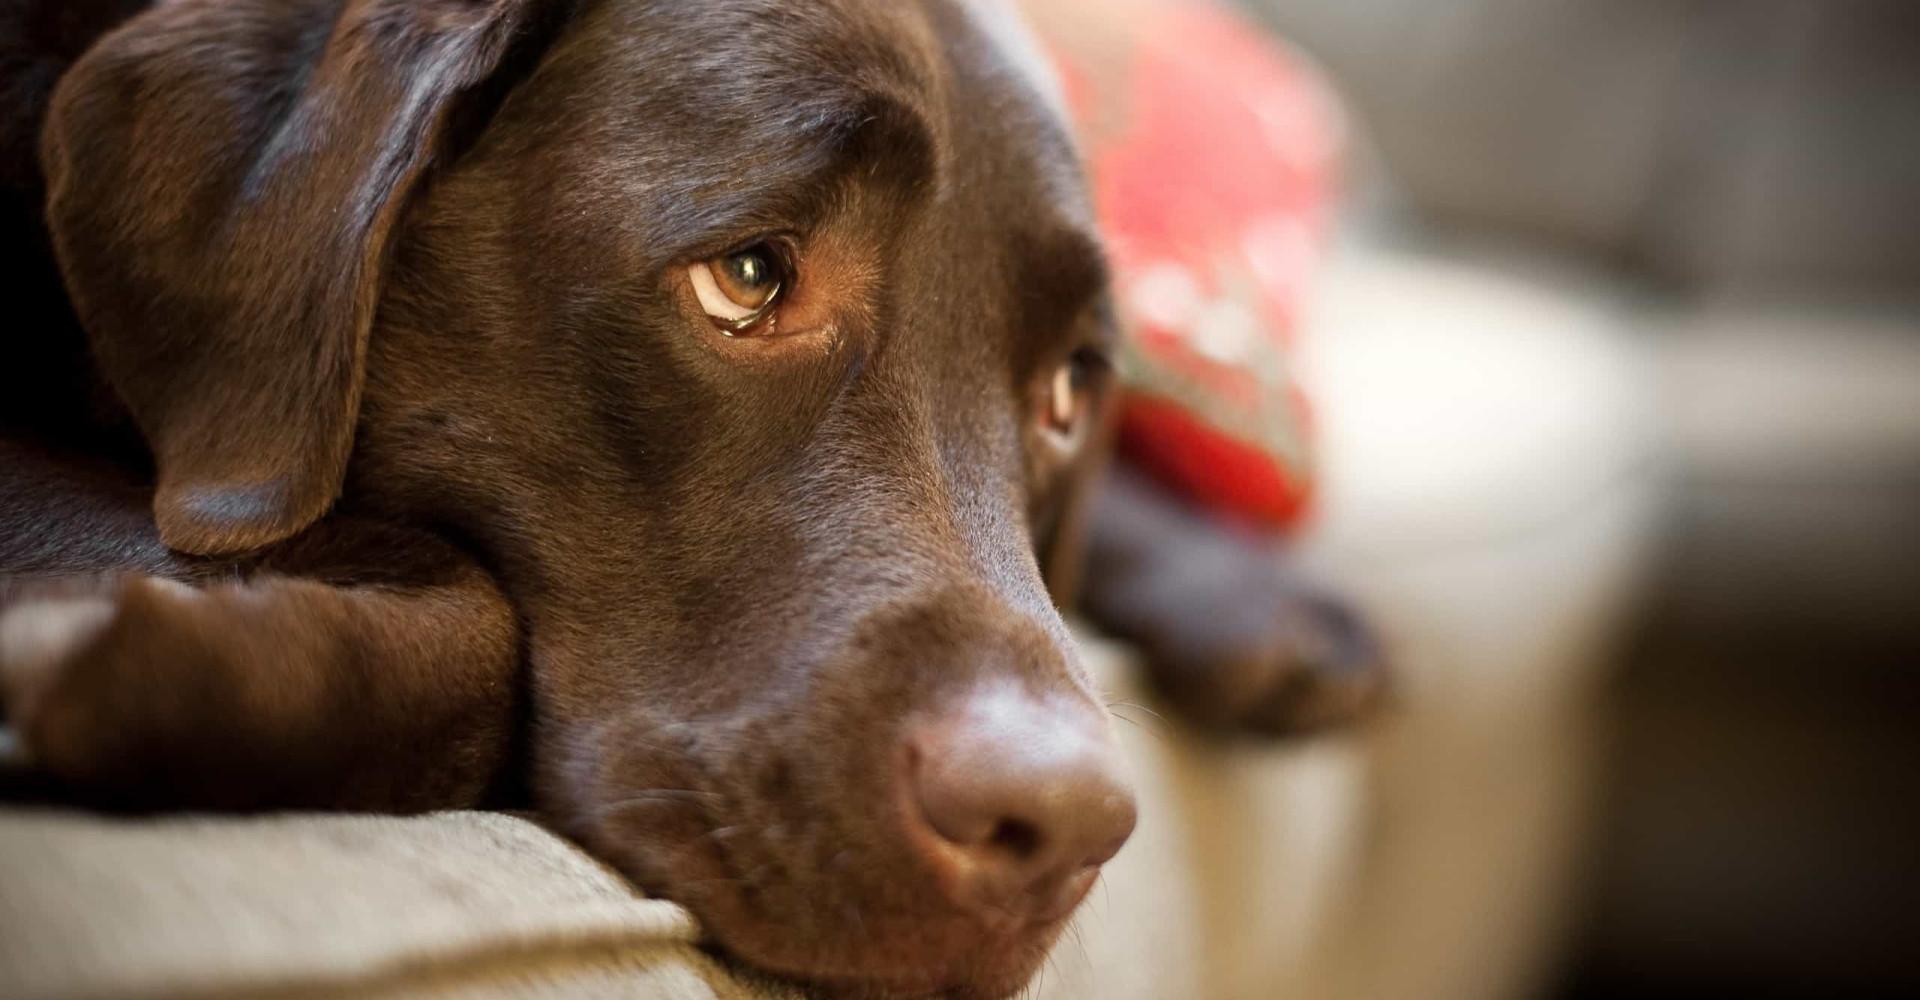 Zo reageer je als je hond chocolade heeft gegeten